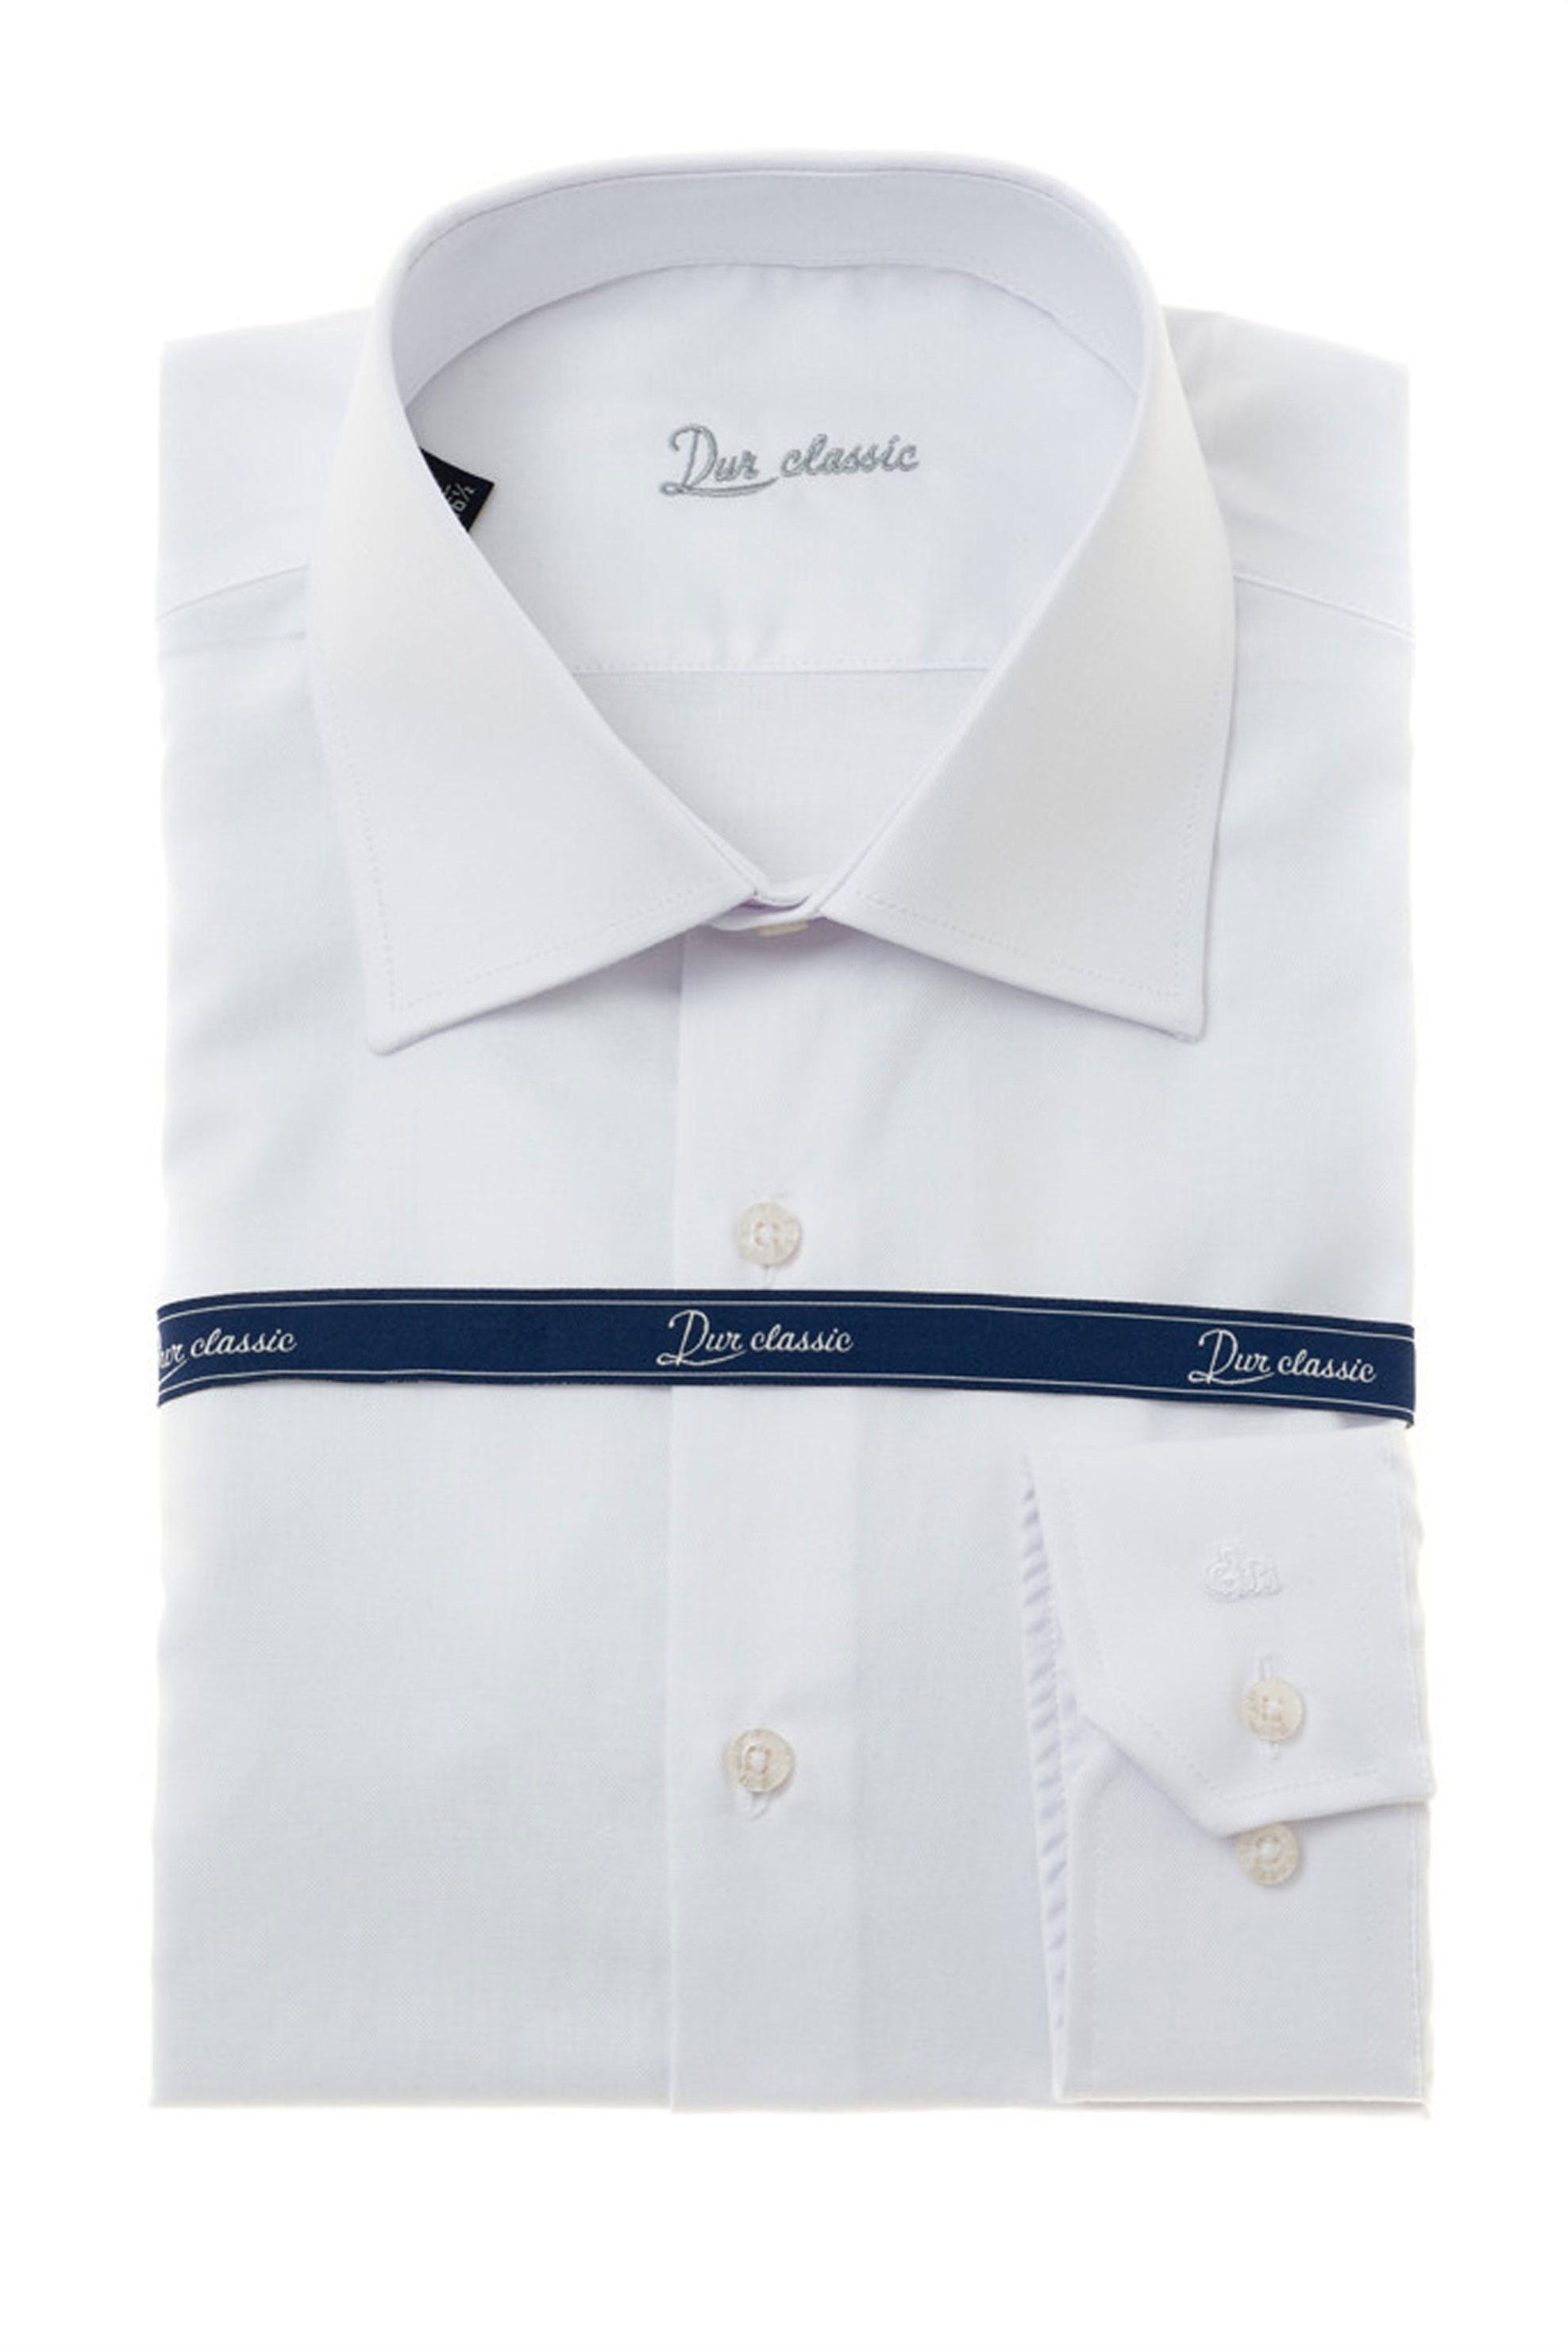 12cd3984f8a6 Notos Dur ανδρικό πουκάμισο Oxford - 10000046 - Λευκό